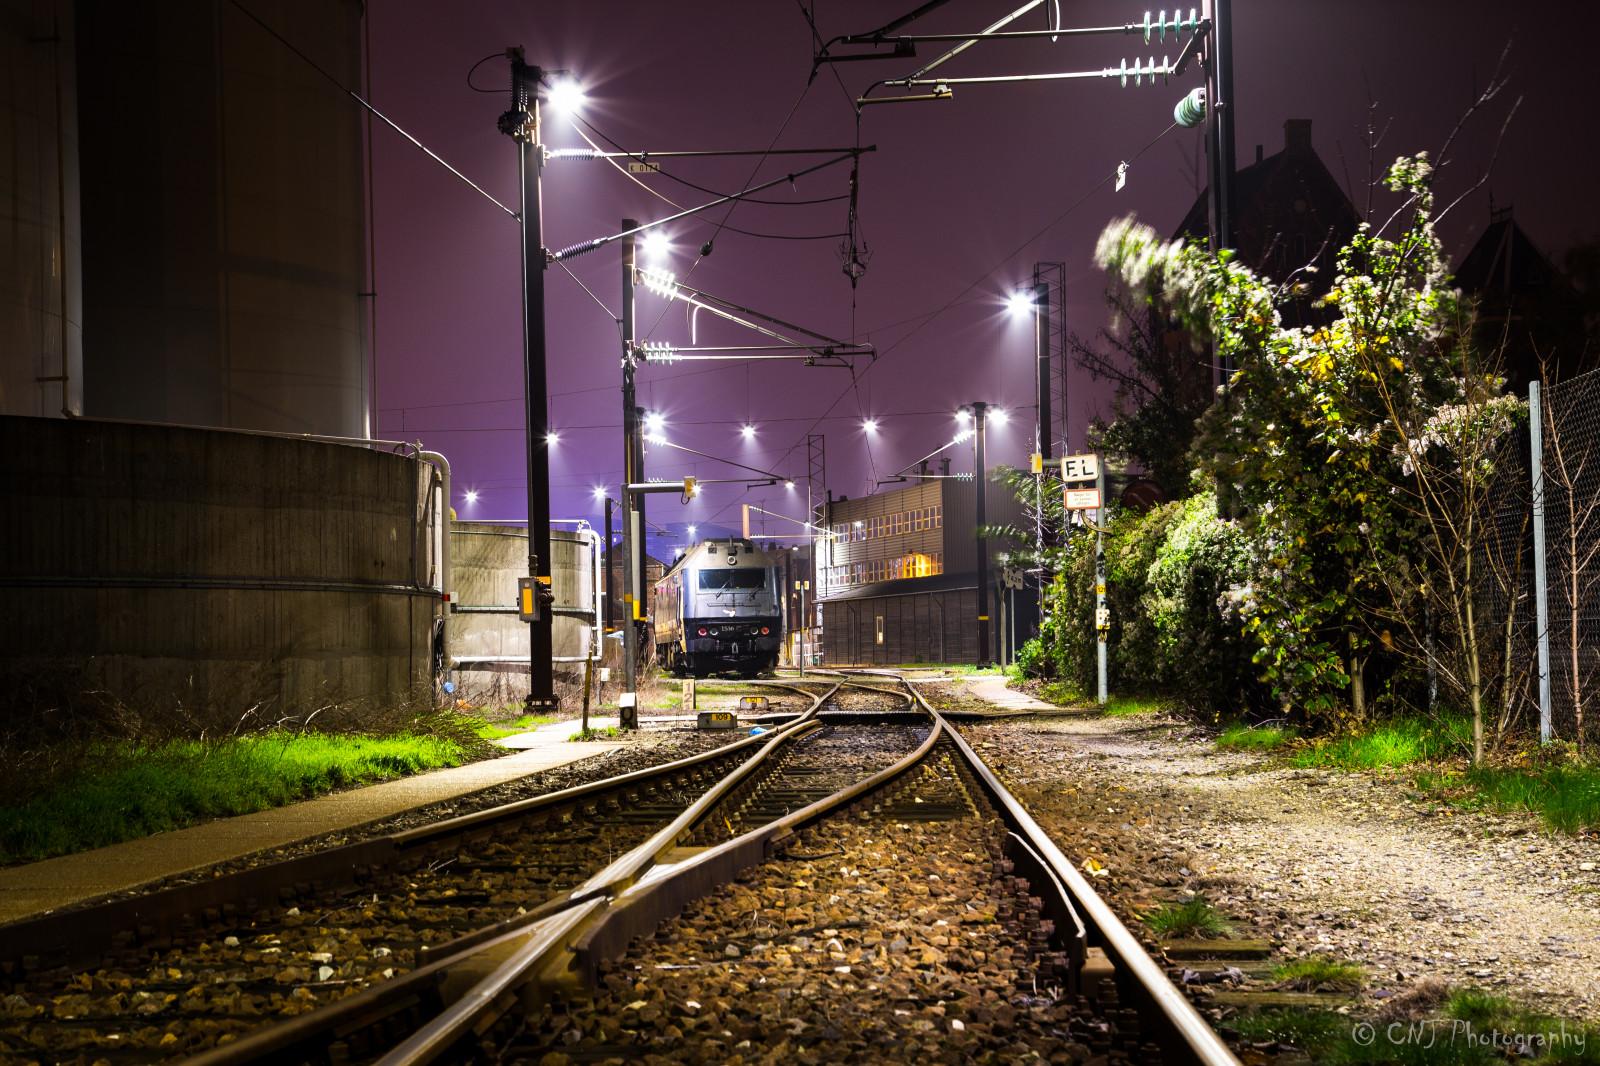 был сделан красивое фото ночные поезда что